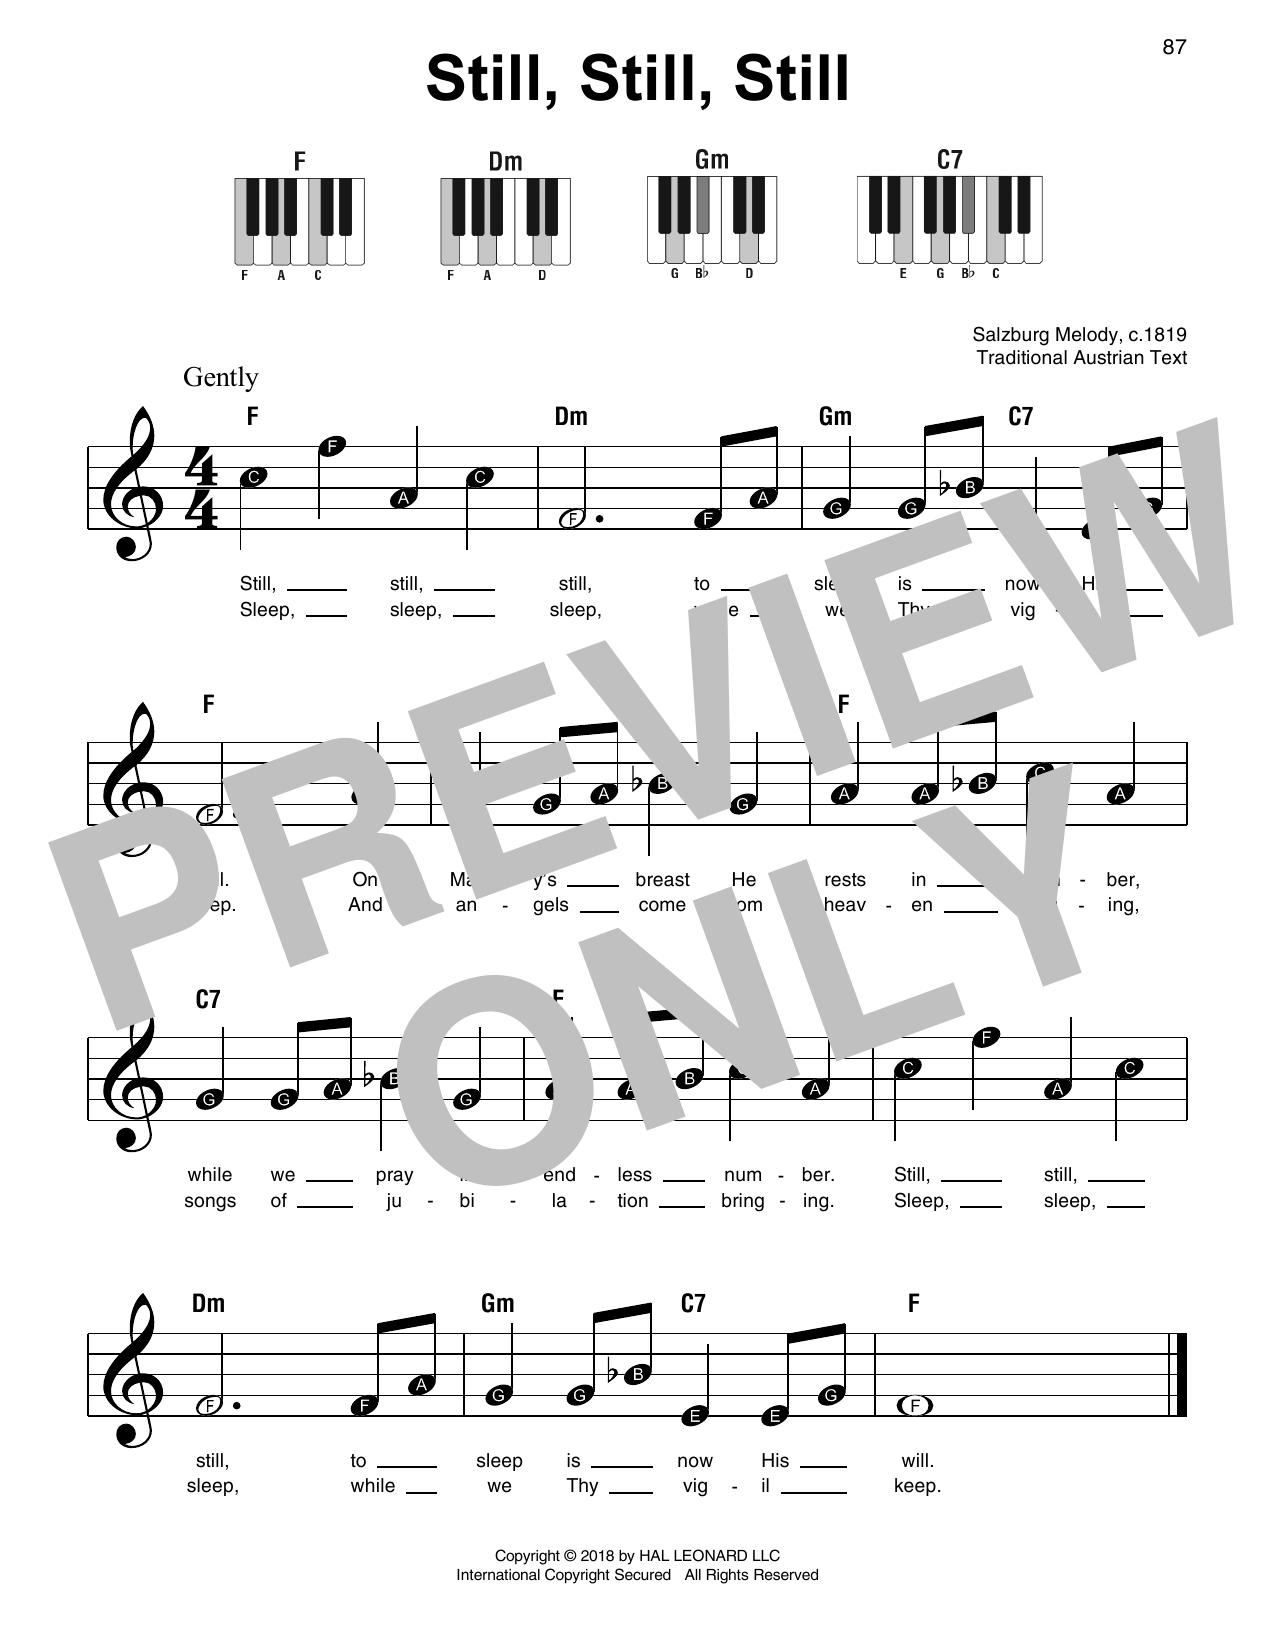 Traditional Still, Still, Still sheet music notes and chords